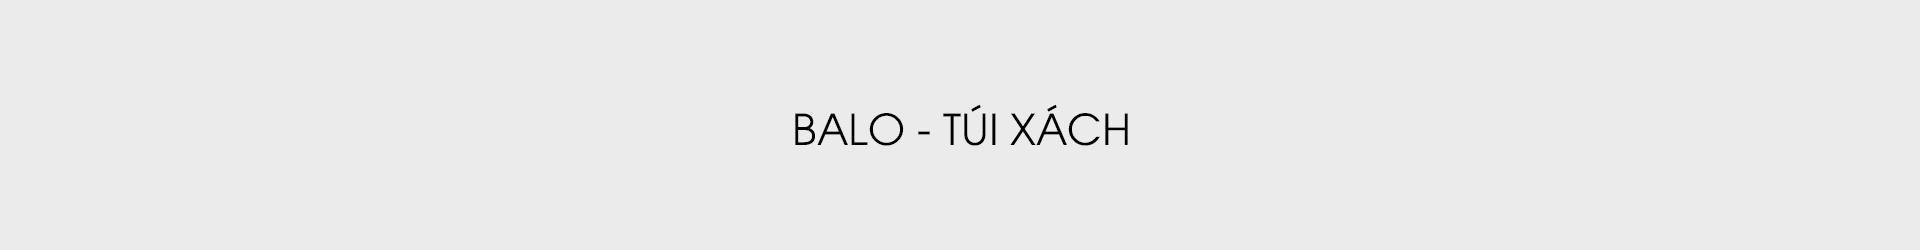 BALO - TÚI XÁCH